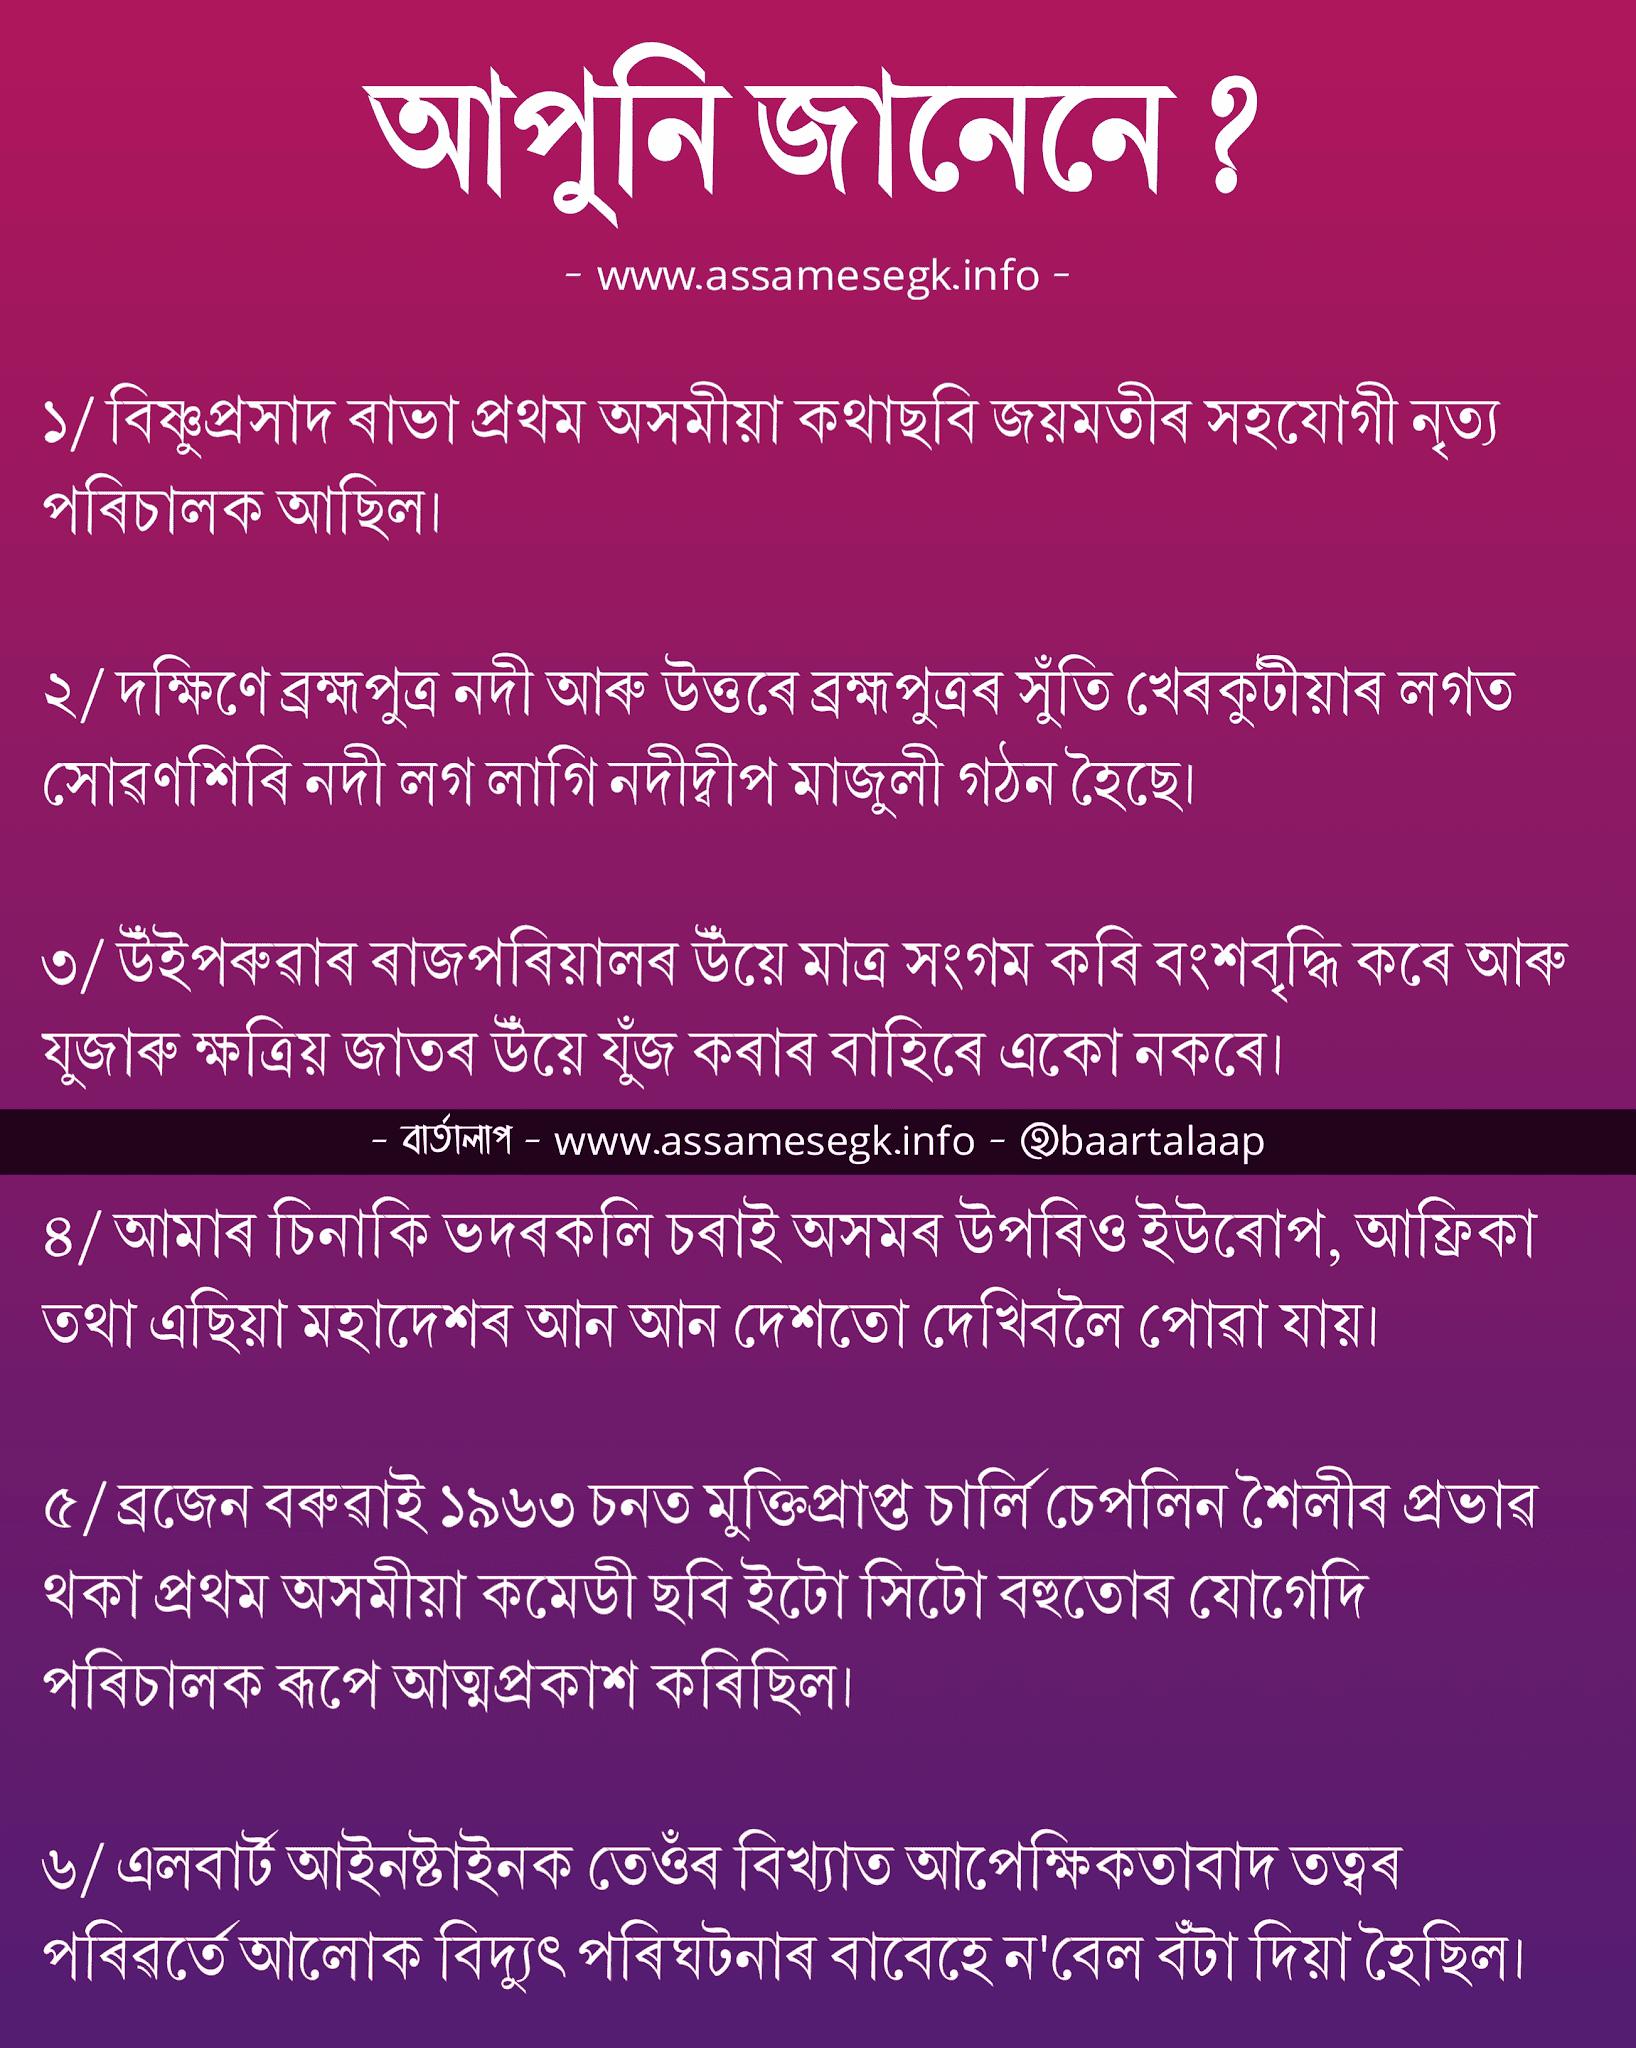 Facts in Assamese - Assamese GK